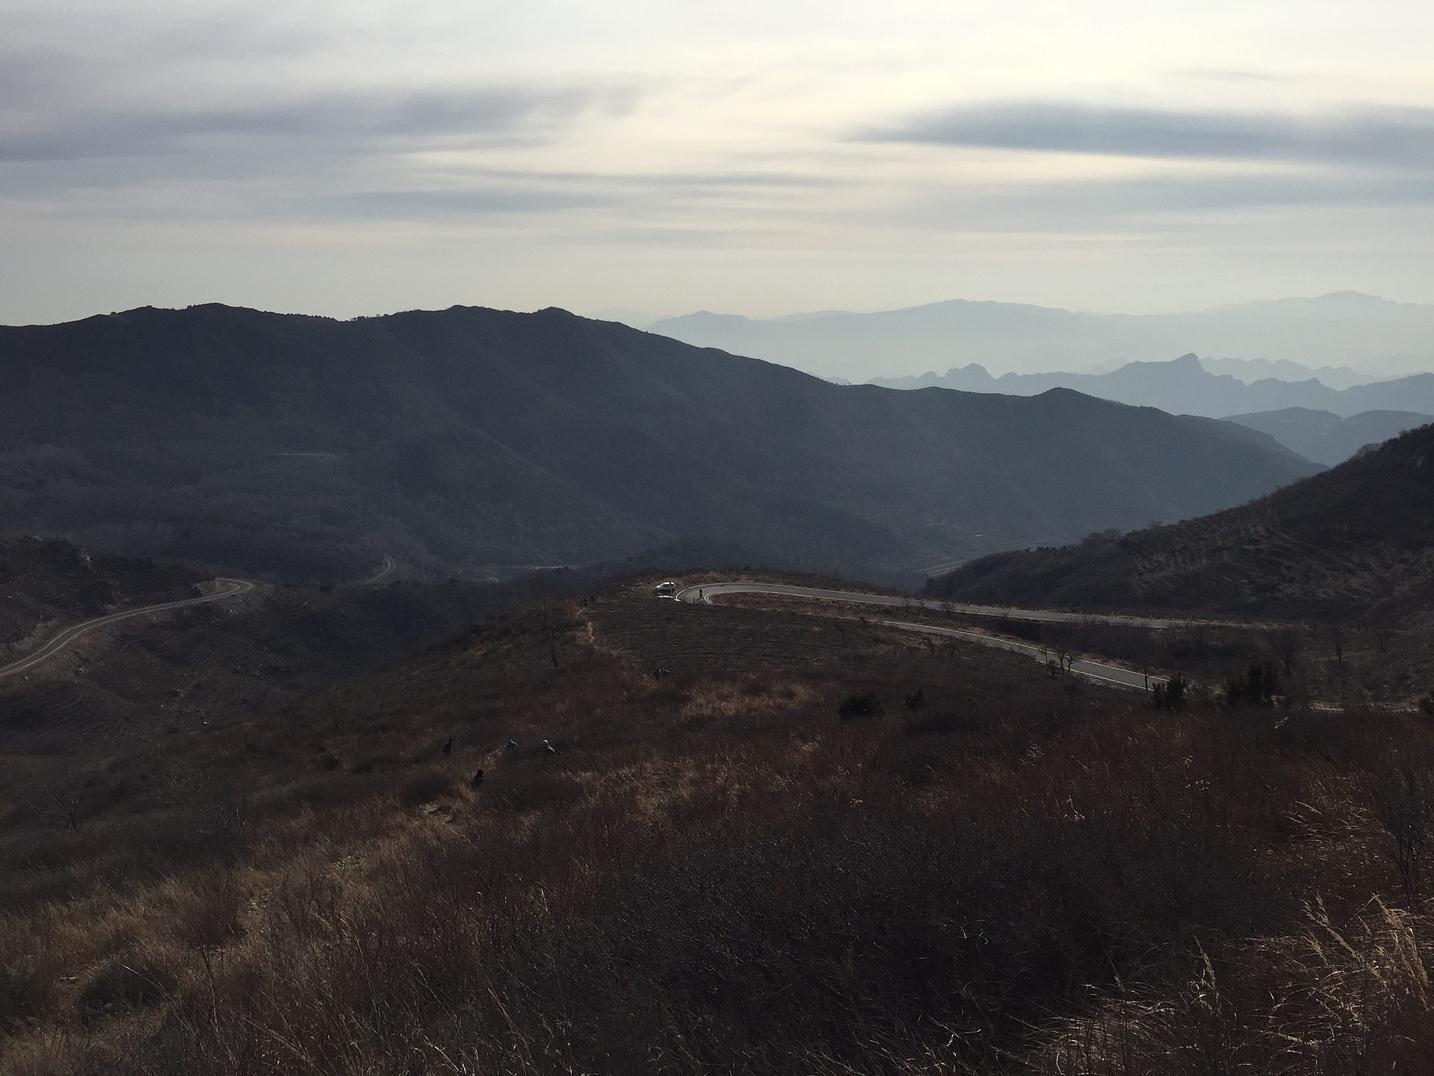 独自一人上路---阳台山至鹫峰